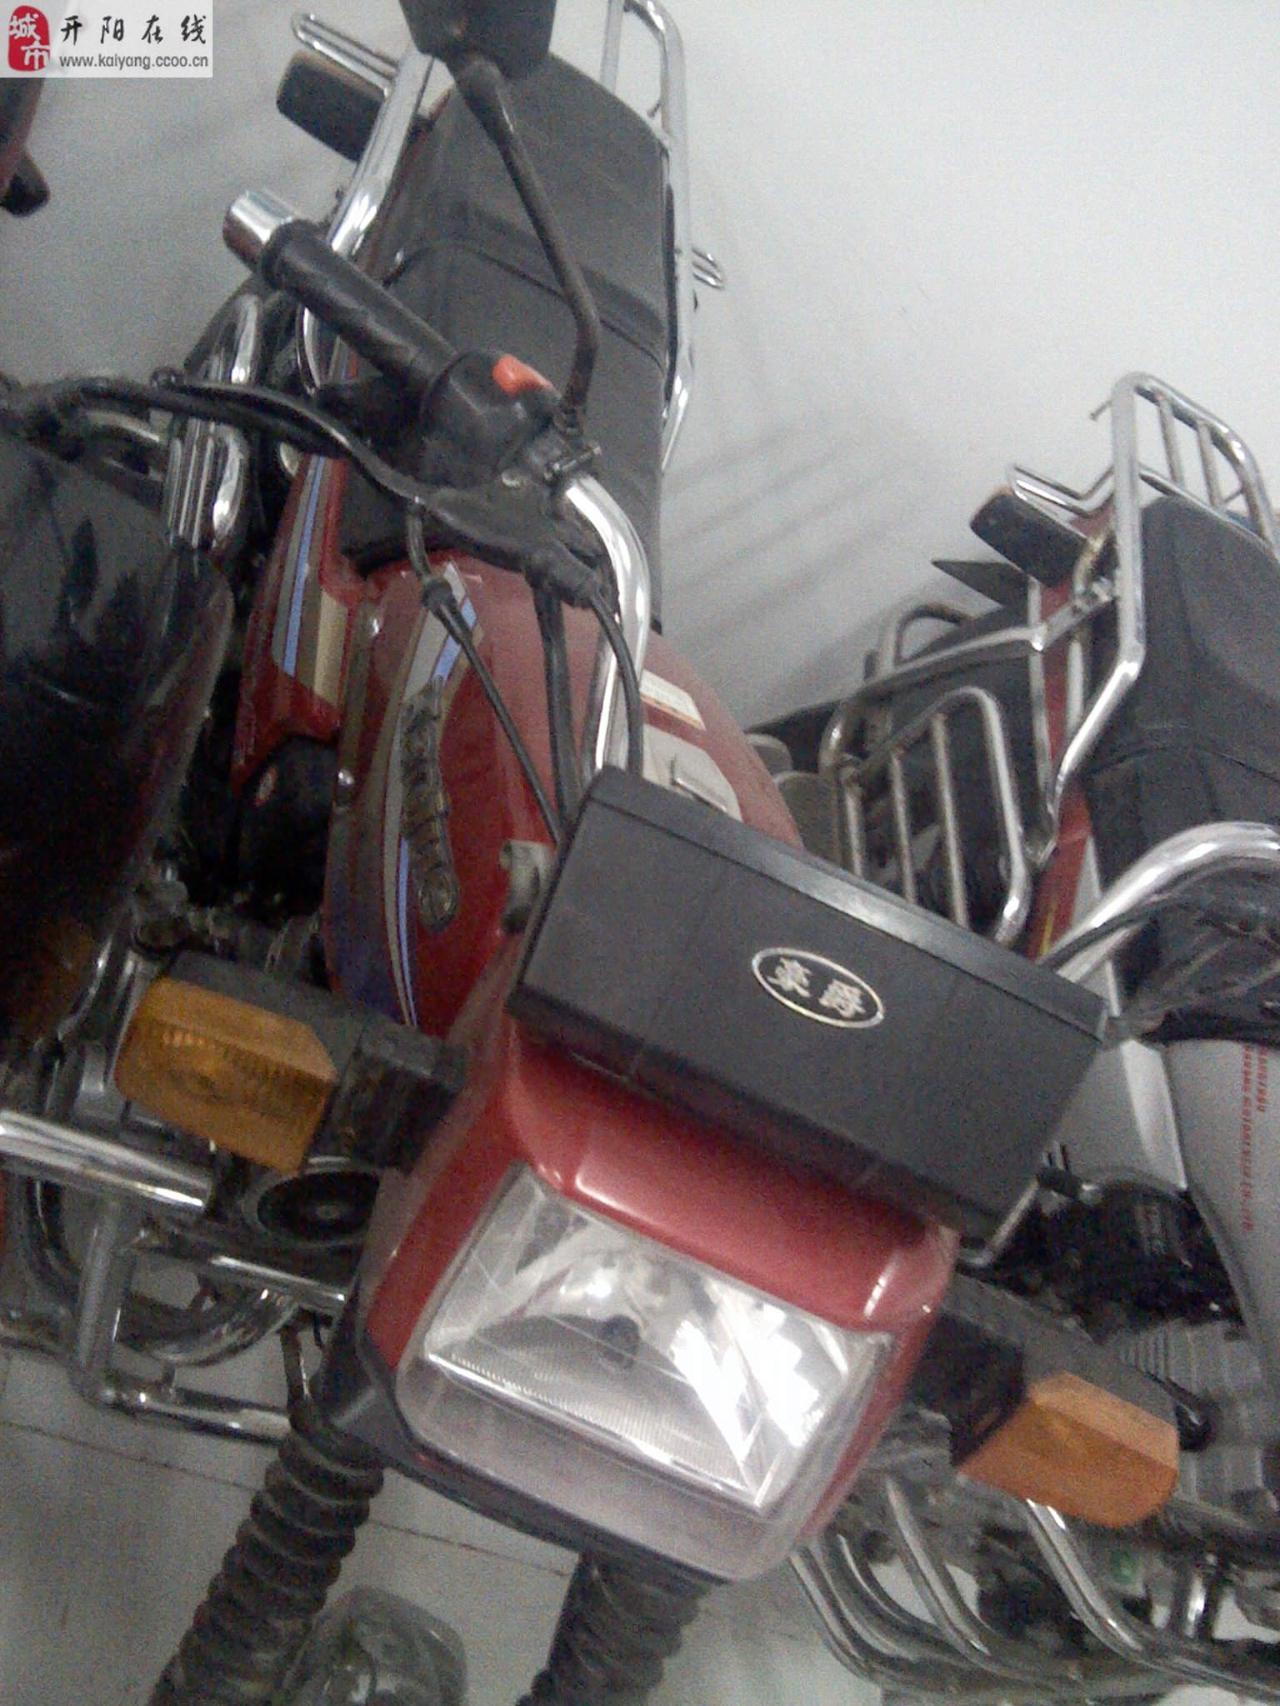 出售豪爵摩托车一辆